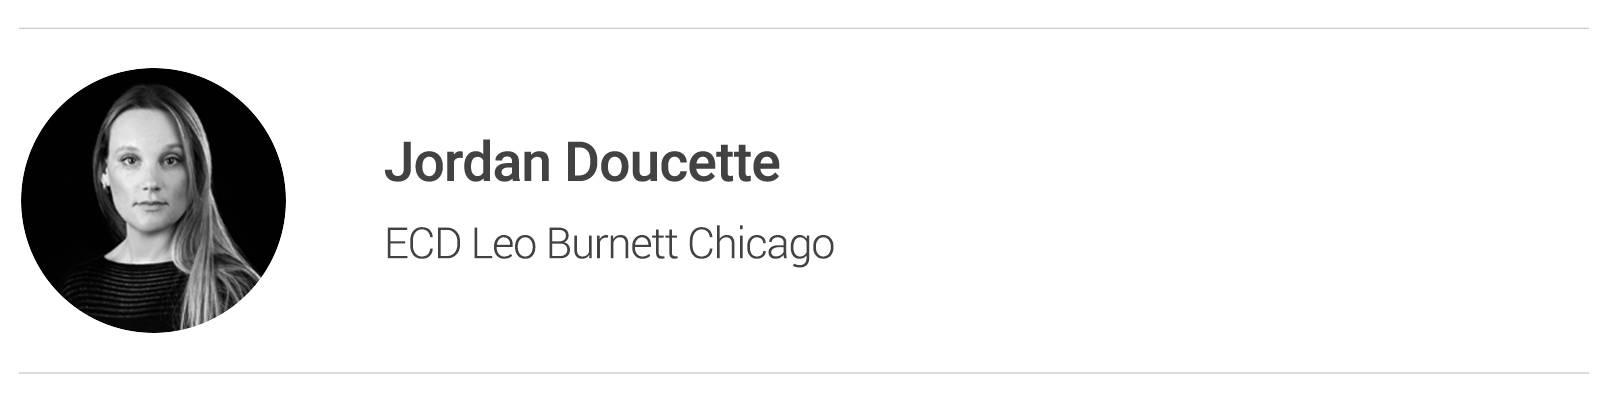 Jordan Doucette  ECD Leo Burnett Chicago